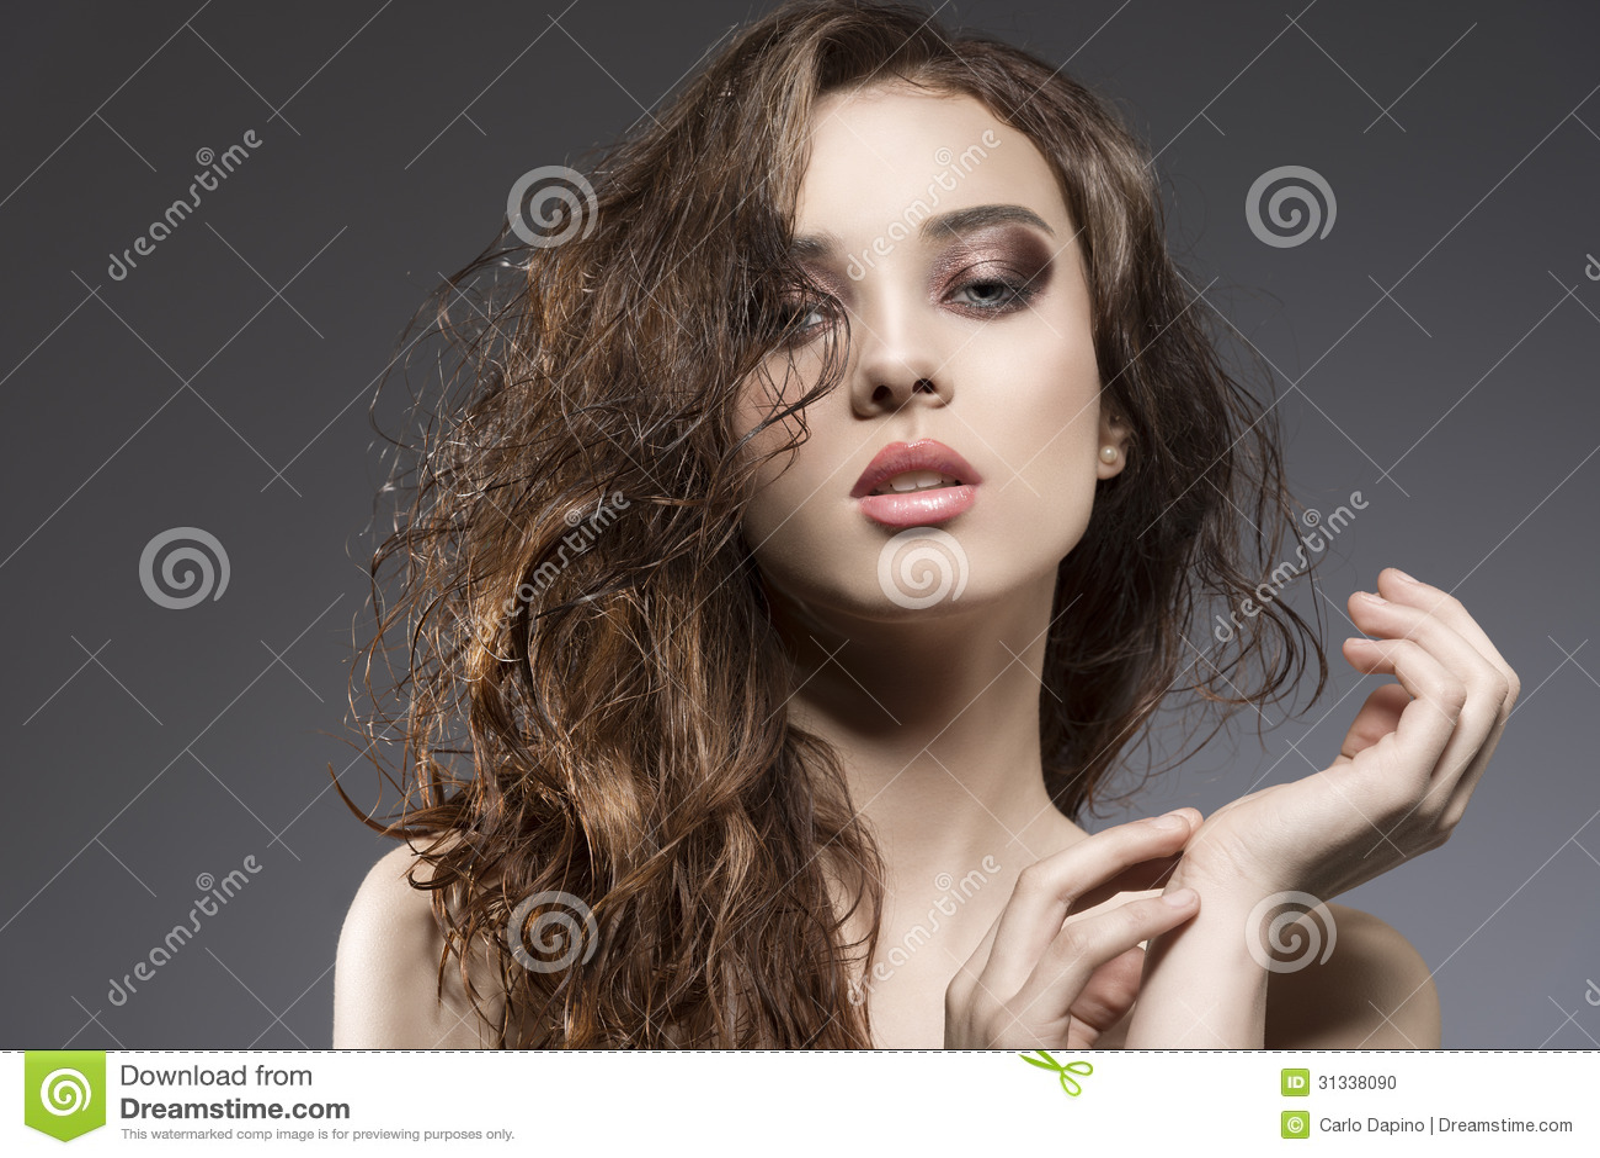 Sinnliche Frau Mit Dem Nassen Haar Stockfoto - Bild von mädchen ...